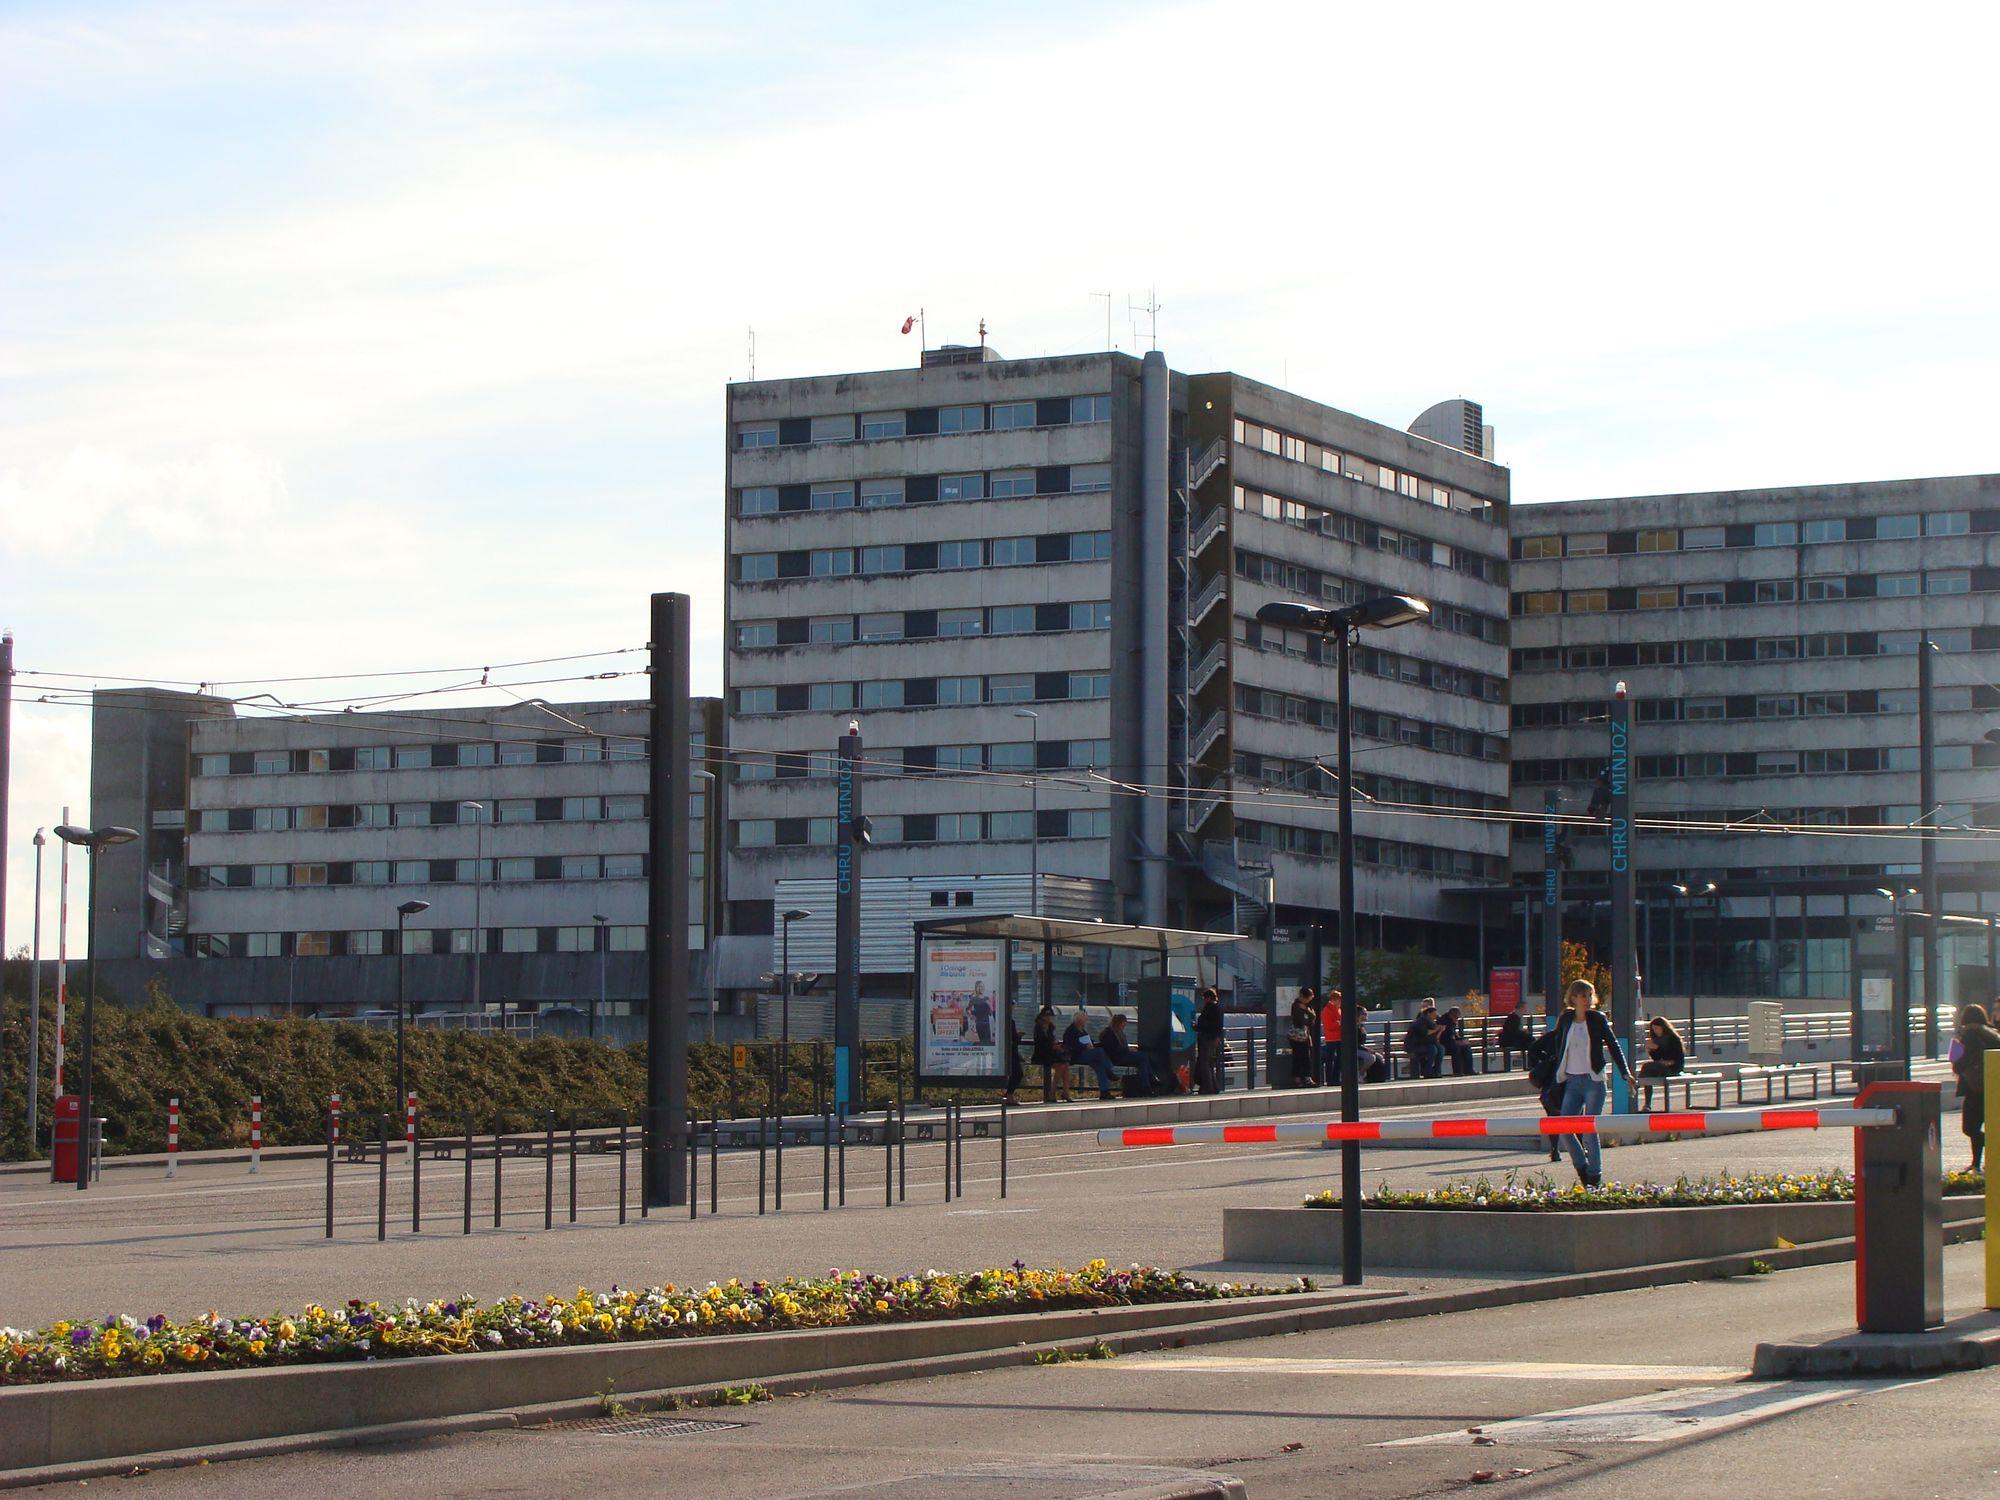 Besançon. Cardiologie et Covid-19 : le CHU participe à une enquête et recherche des patients